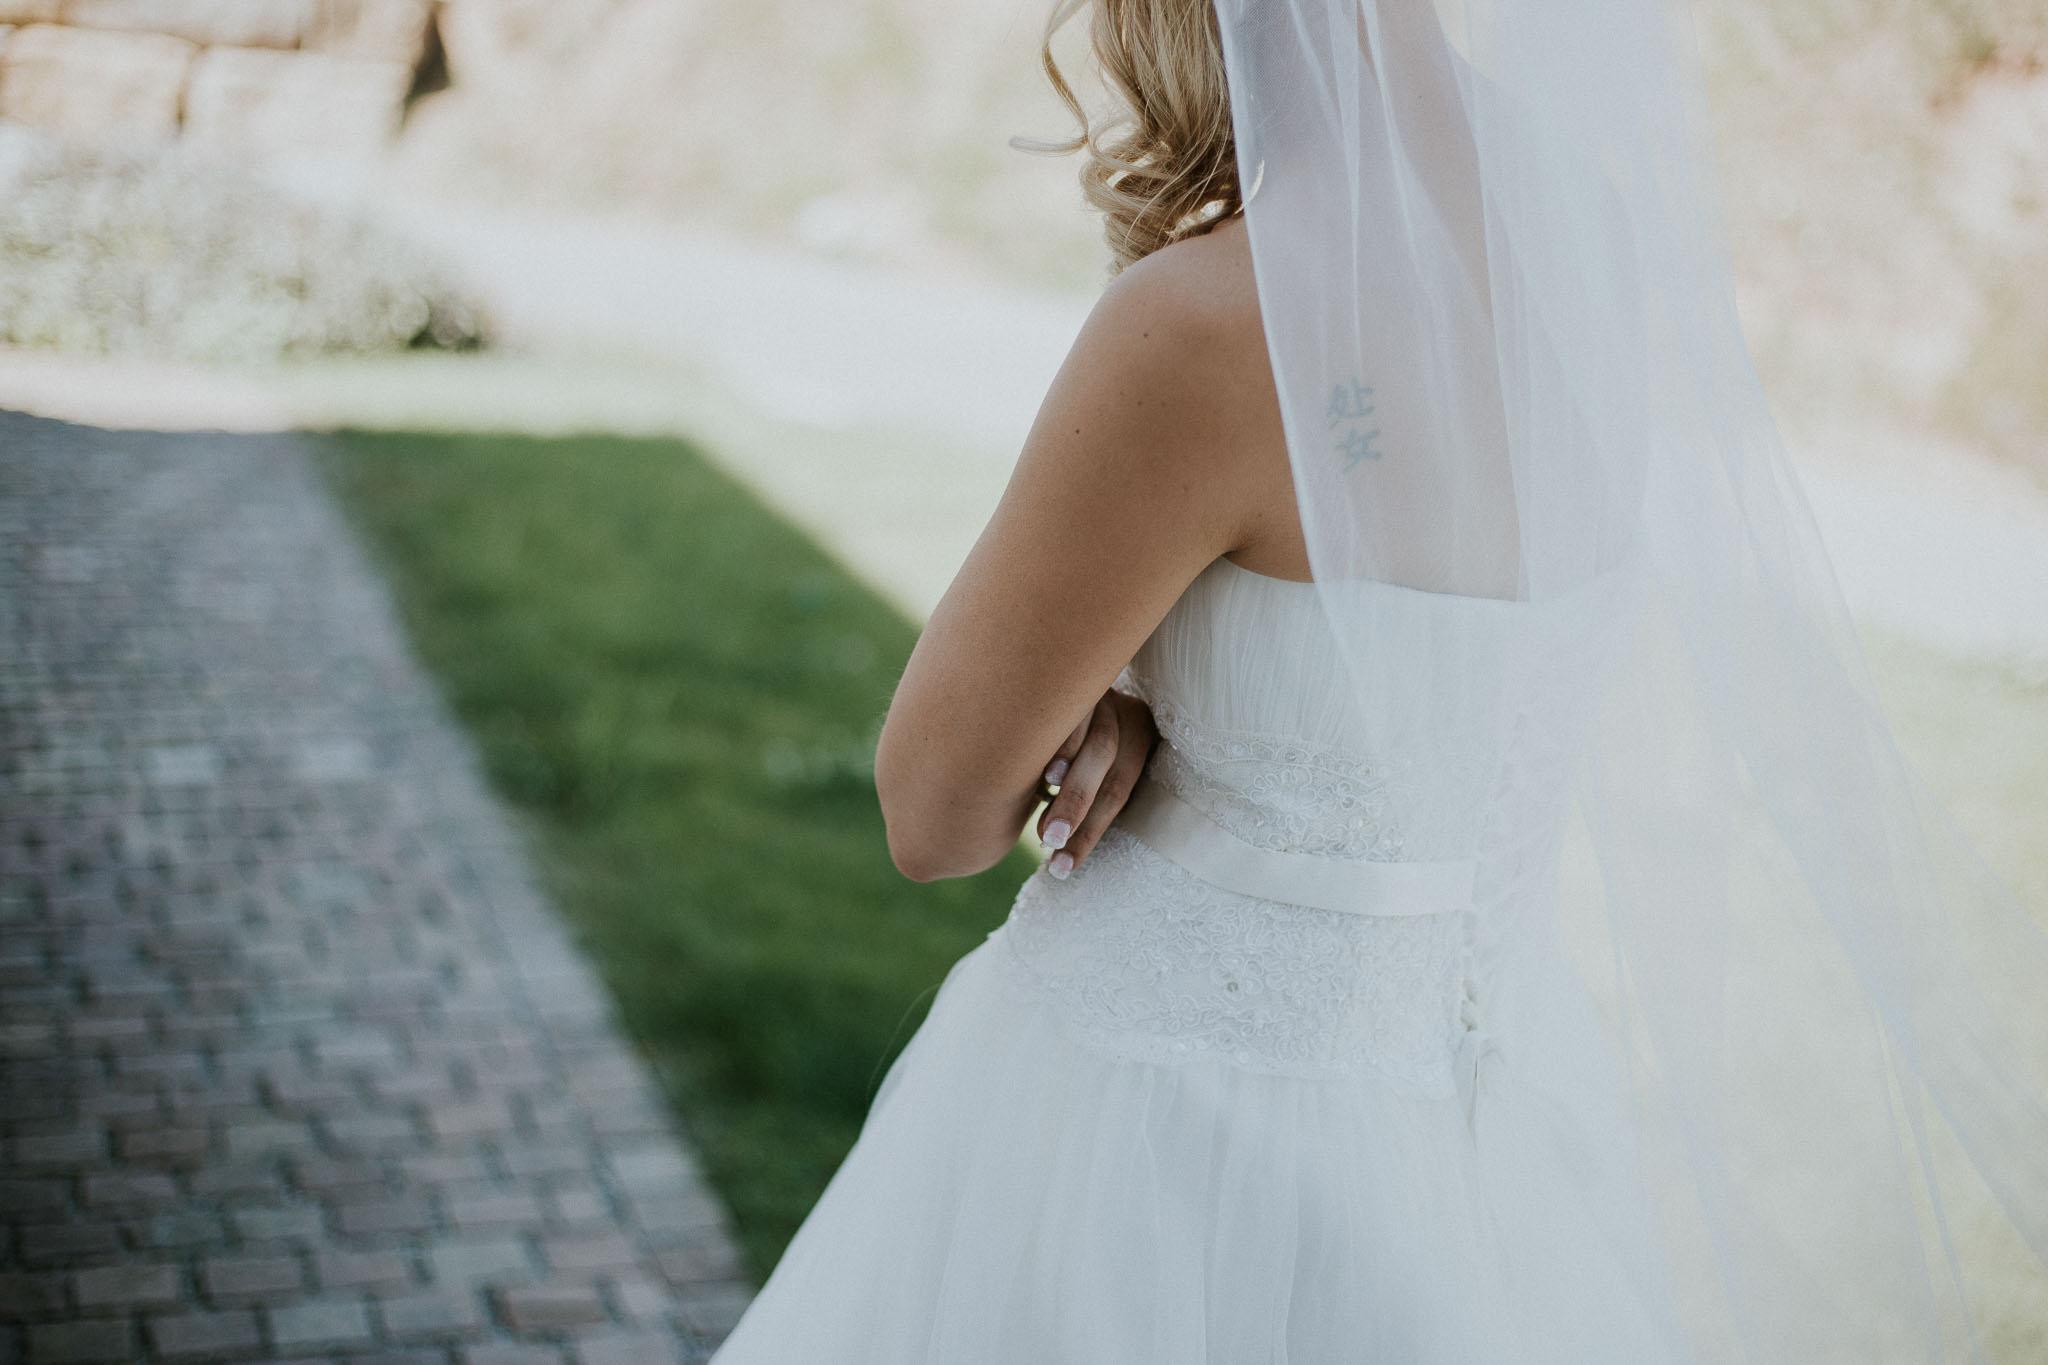 Die Braut wartet auf ihren Bräutigam - Hochzeitsfotografin Maren Scheffler